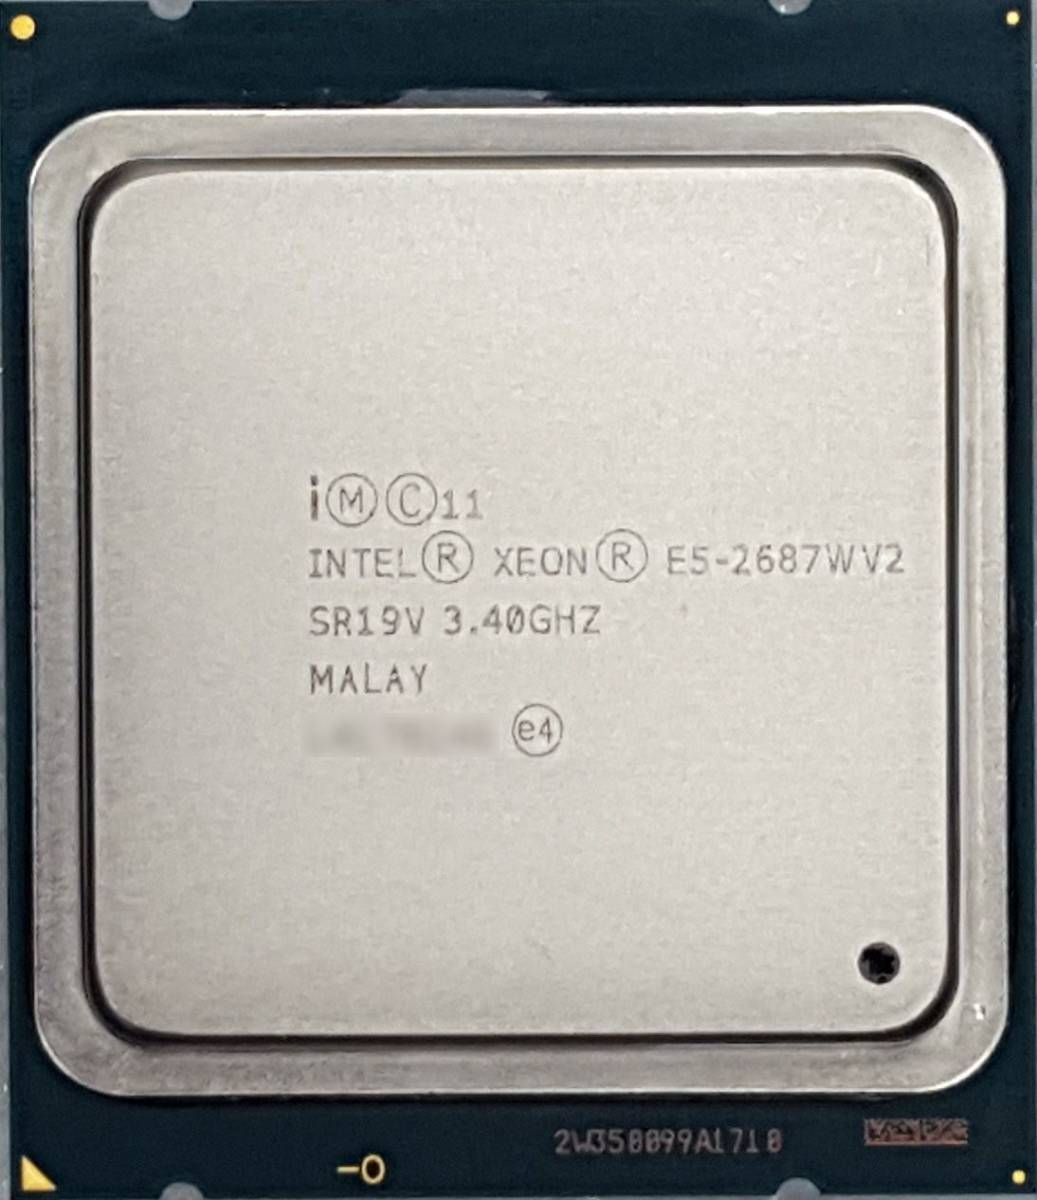 インテル Intel Xeon E5-2687WV2 3.4GHz 8-core CPU FCLGA2011